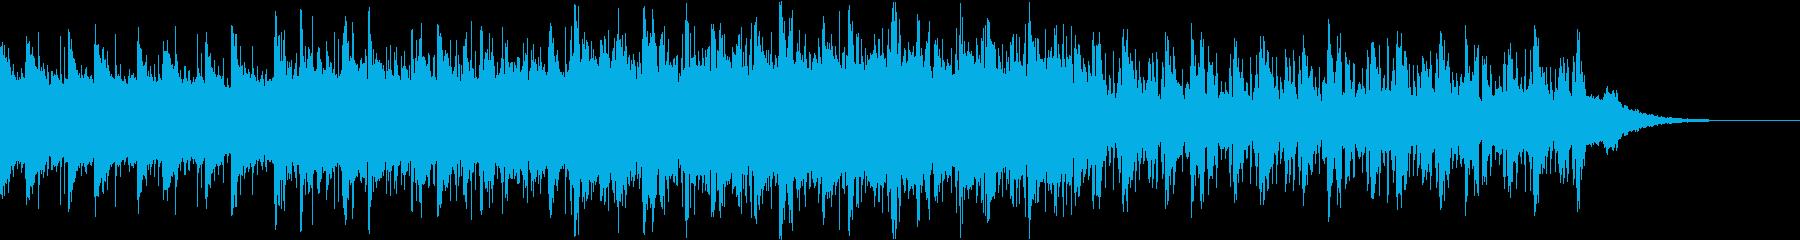 Pf「深海」和風現代ジャズの再生済みの波形